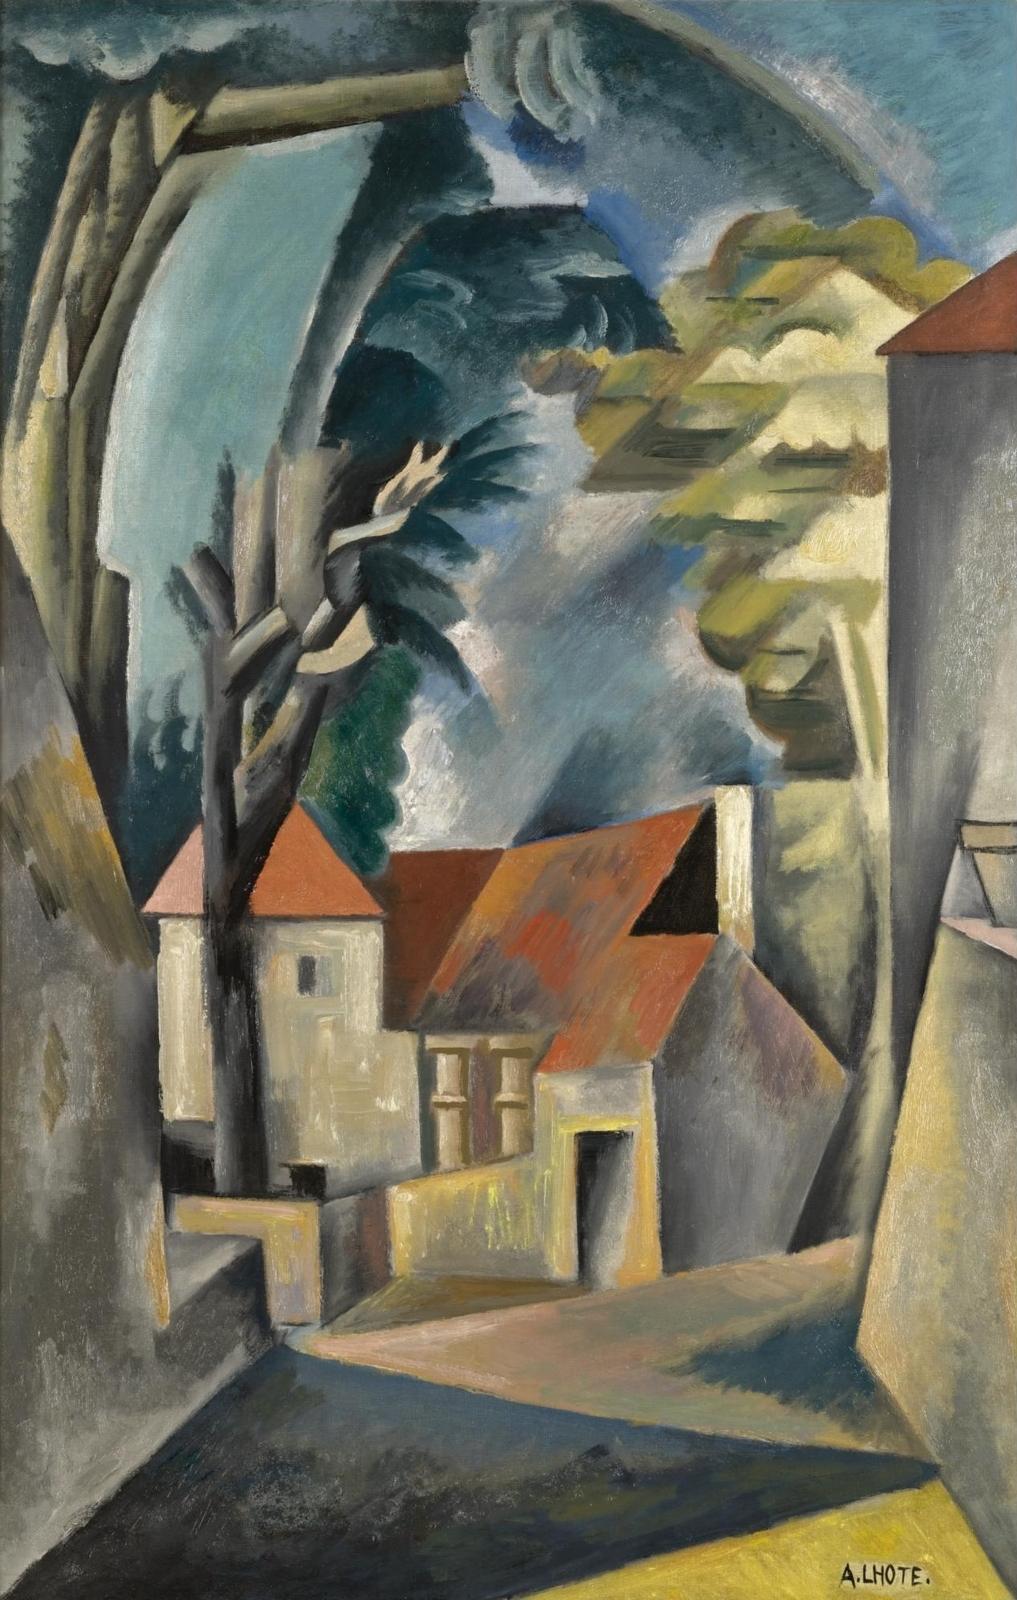 Картинки по запросу cubism art from andre lhote